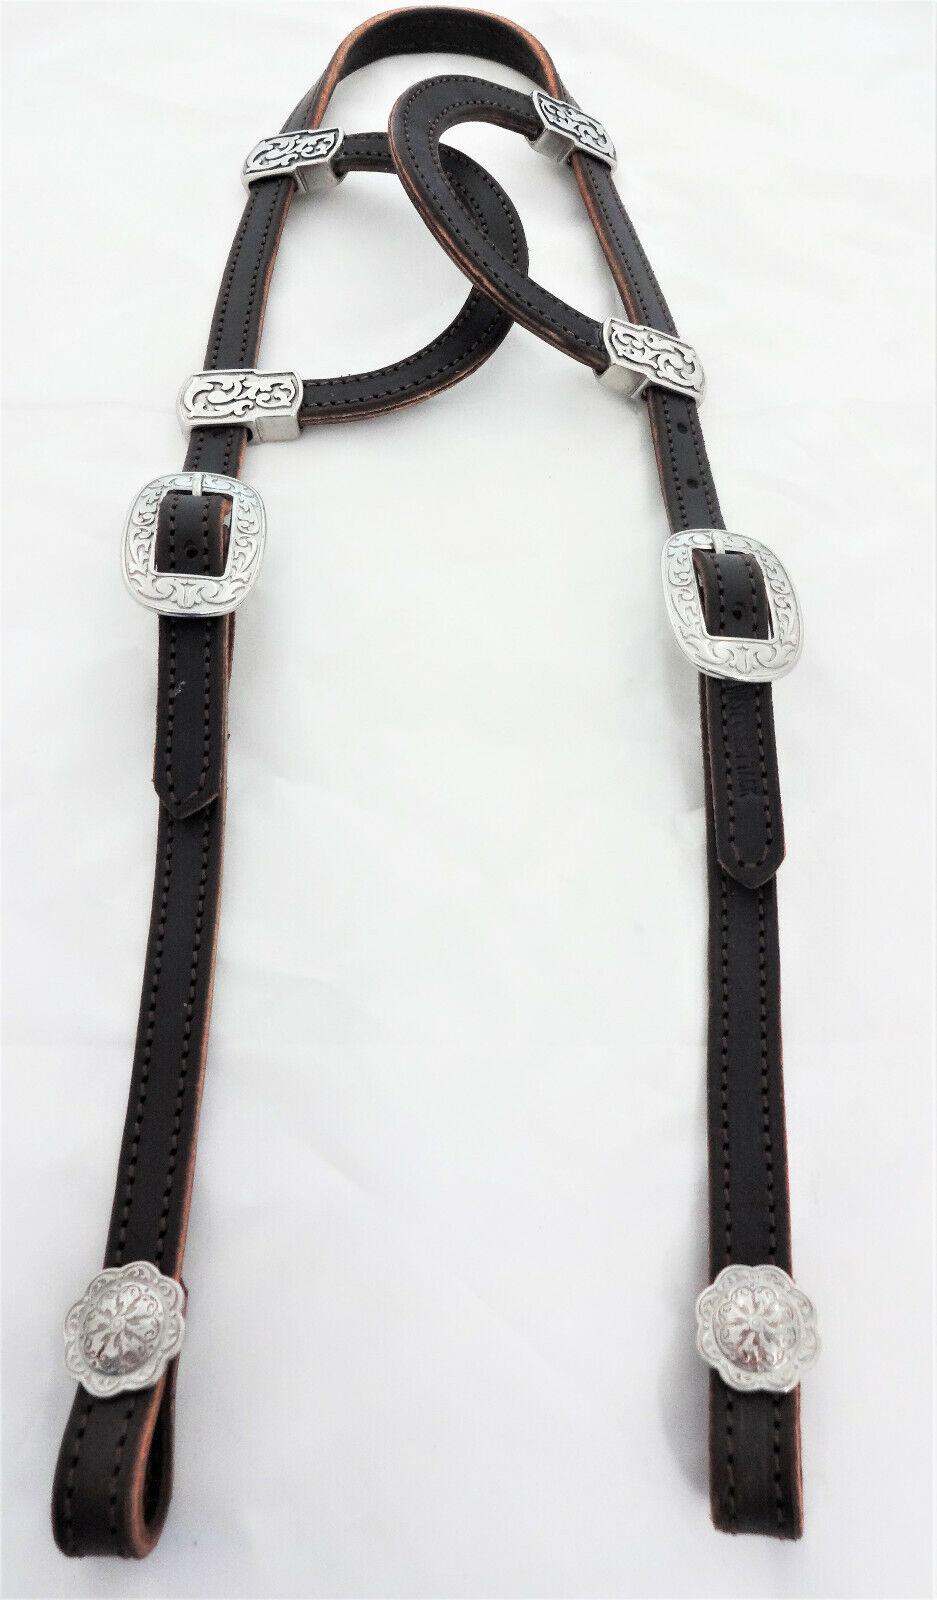 CIOCCOLATO CIOCCOLATO CIOCCOLATO fondente Briglia in pelle con doppio scivolo Ear Headsttutti JEREMIAH WATT Fibbie a63